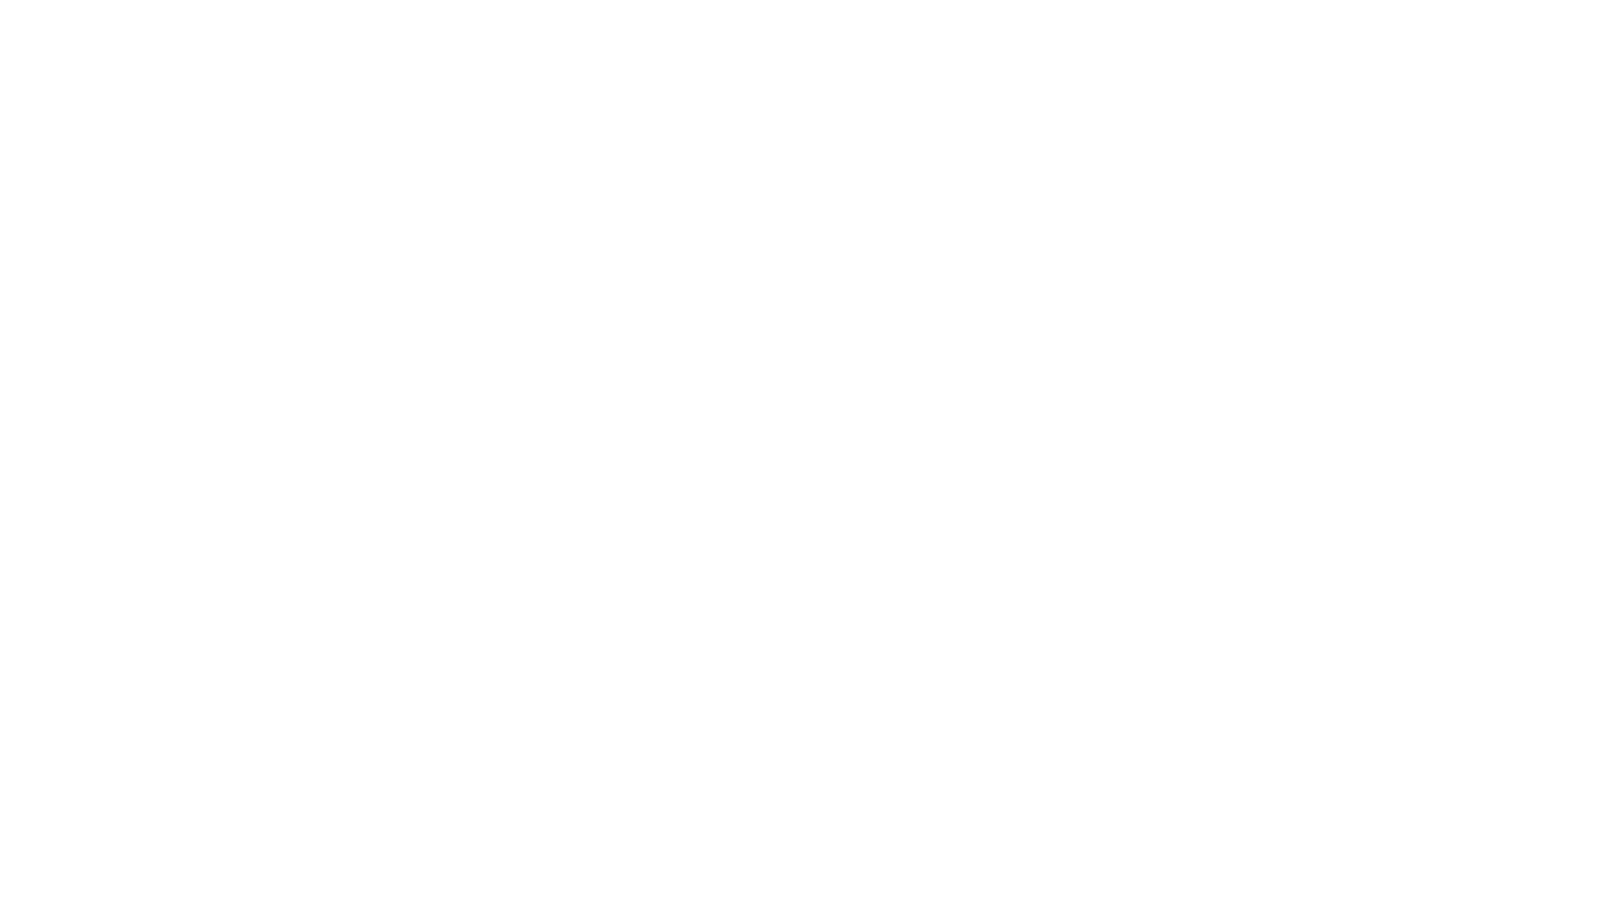 Zu Gast im BaseCamp Bonn zeigt Sebastian Kehl, wie man leckere Cocktails zubereitet – ganz easy und für jeden leicht nachzumachen. Heute: Chocolate Sour auf Gin-Basis. Wenige Zutaten, wenige Handgriffe, aber am Ende ein mega leckerer Cocktail. Cheers and enjoy!  Ihr wollt mehr lernen? Kein Problem. Bucht einfach einen unserer Online-Workshops für euch und eure Freunde. Einen Abend lang zeigt euch Sebastian, wie man raffinierte Cocktails zubereitet. Danach seid ihr auf dem besten Weg, Top-Barmixer zu werden. Zutaten und Hardware kommen per Post zu euch.   Den originalen Kehl's Dry Gin gibt es online bei uns um Shop, entweder einzeln oder im Rahmen unserer coolen HomeCarePackages in der Geschenkbox.  Copyright: Sebastian Kehl powered by: Kehl's Dry Gin / www.kehls-gin.de Location: BaseCamp Bonn / www.basecamp-bonn.de  #cocktails #gin #workshop #cocktailkurs #webinar #bonn #events #kehlsdrygin #sebastiankehl #basecampbonn #geschenkideen